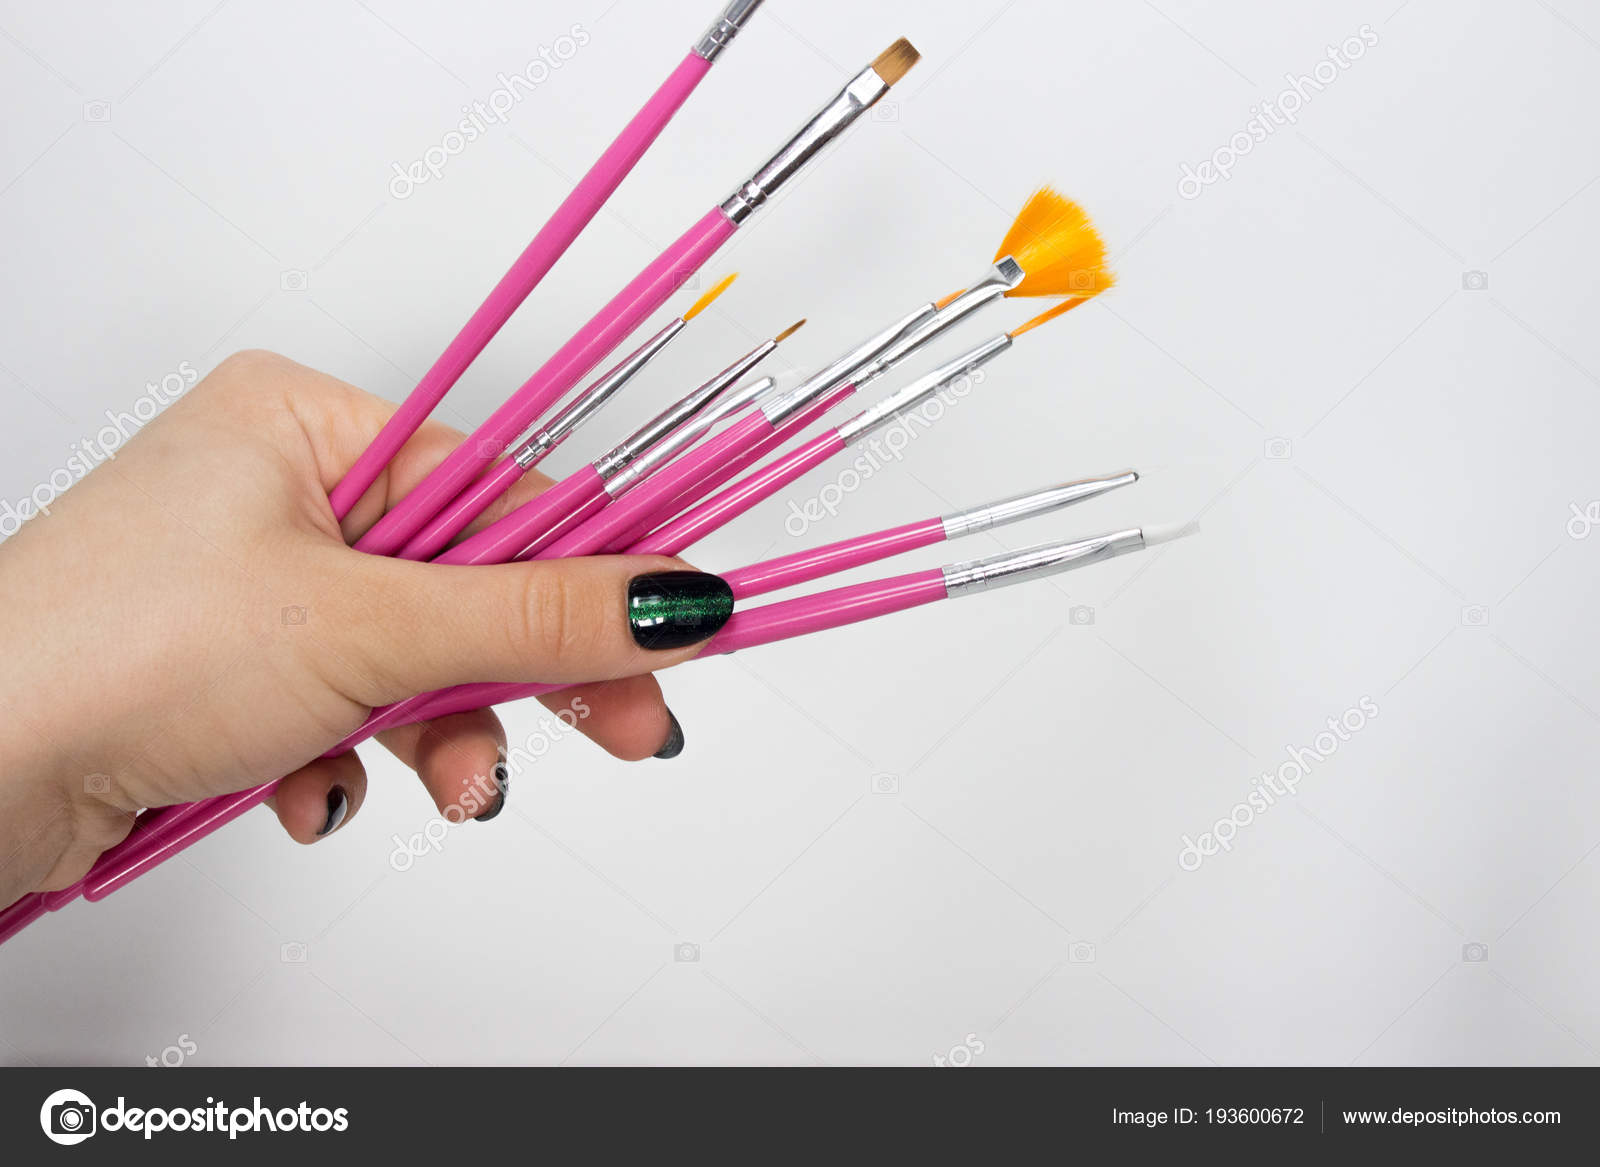 Nail Art Brushes White Background Manicure Art Stock Photo